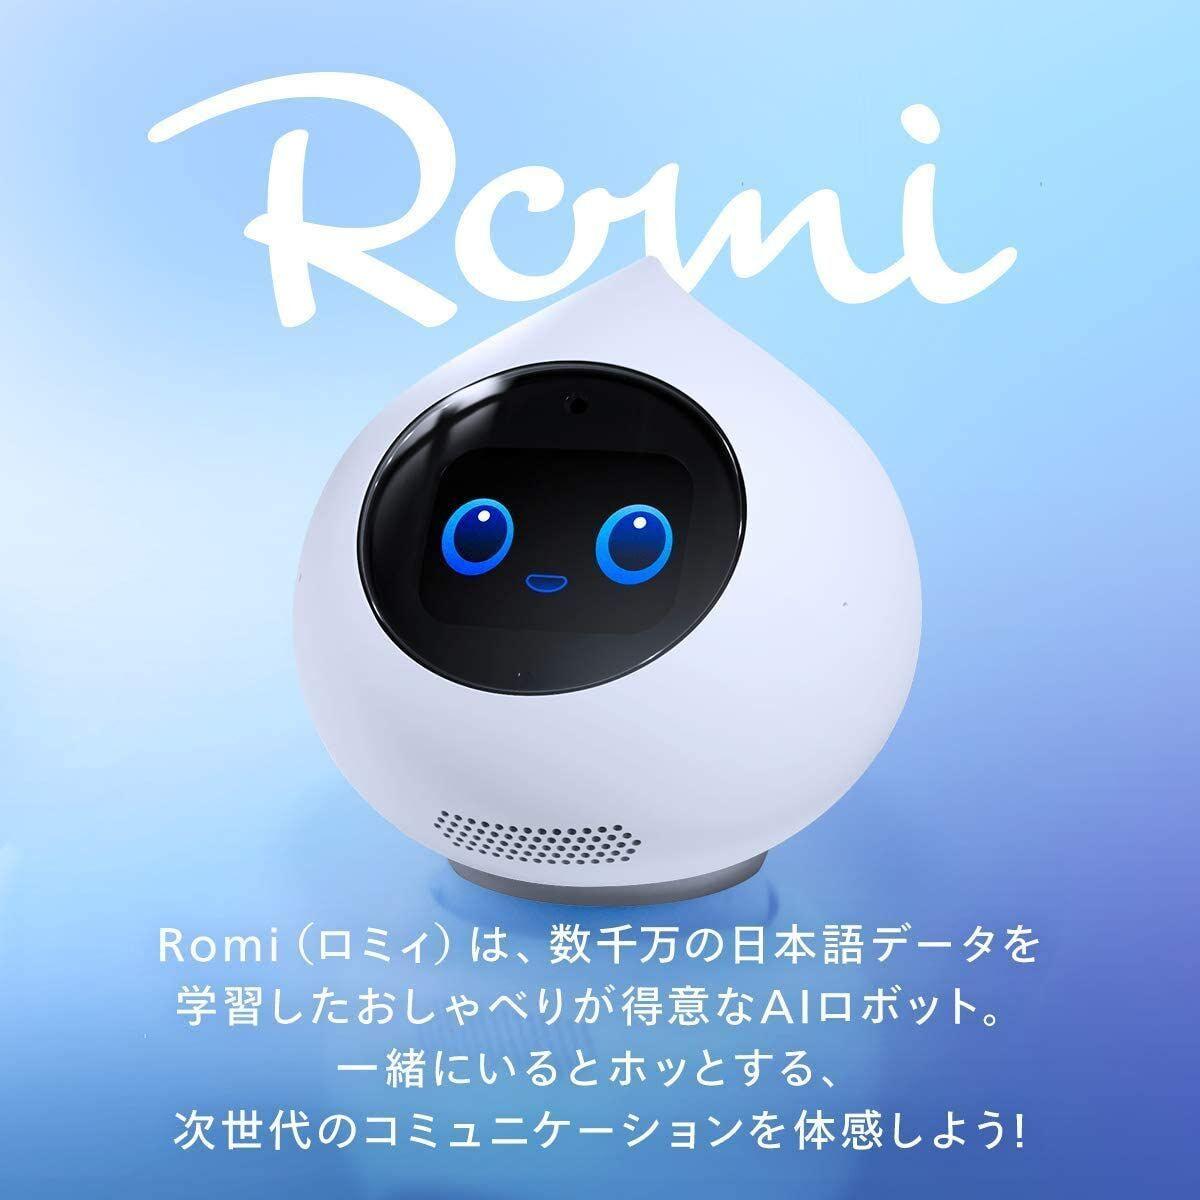 自律型会話ロボット 『Romi(ロミィ)』